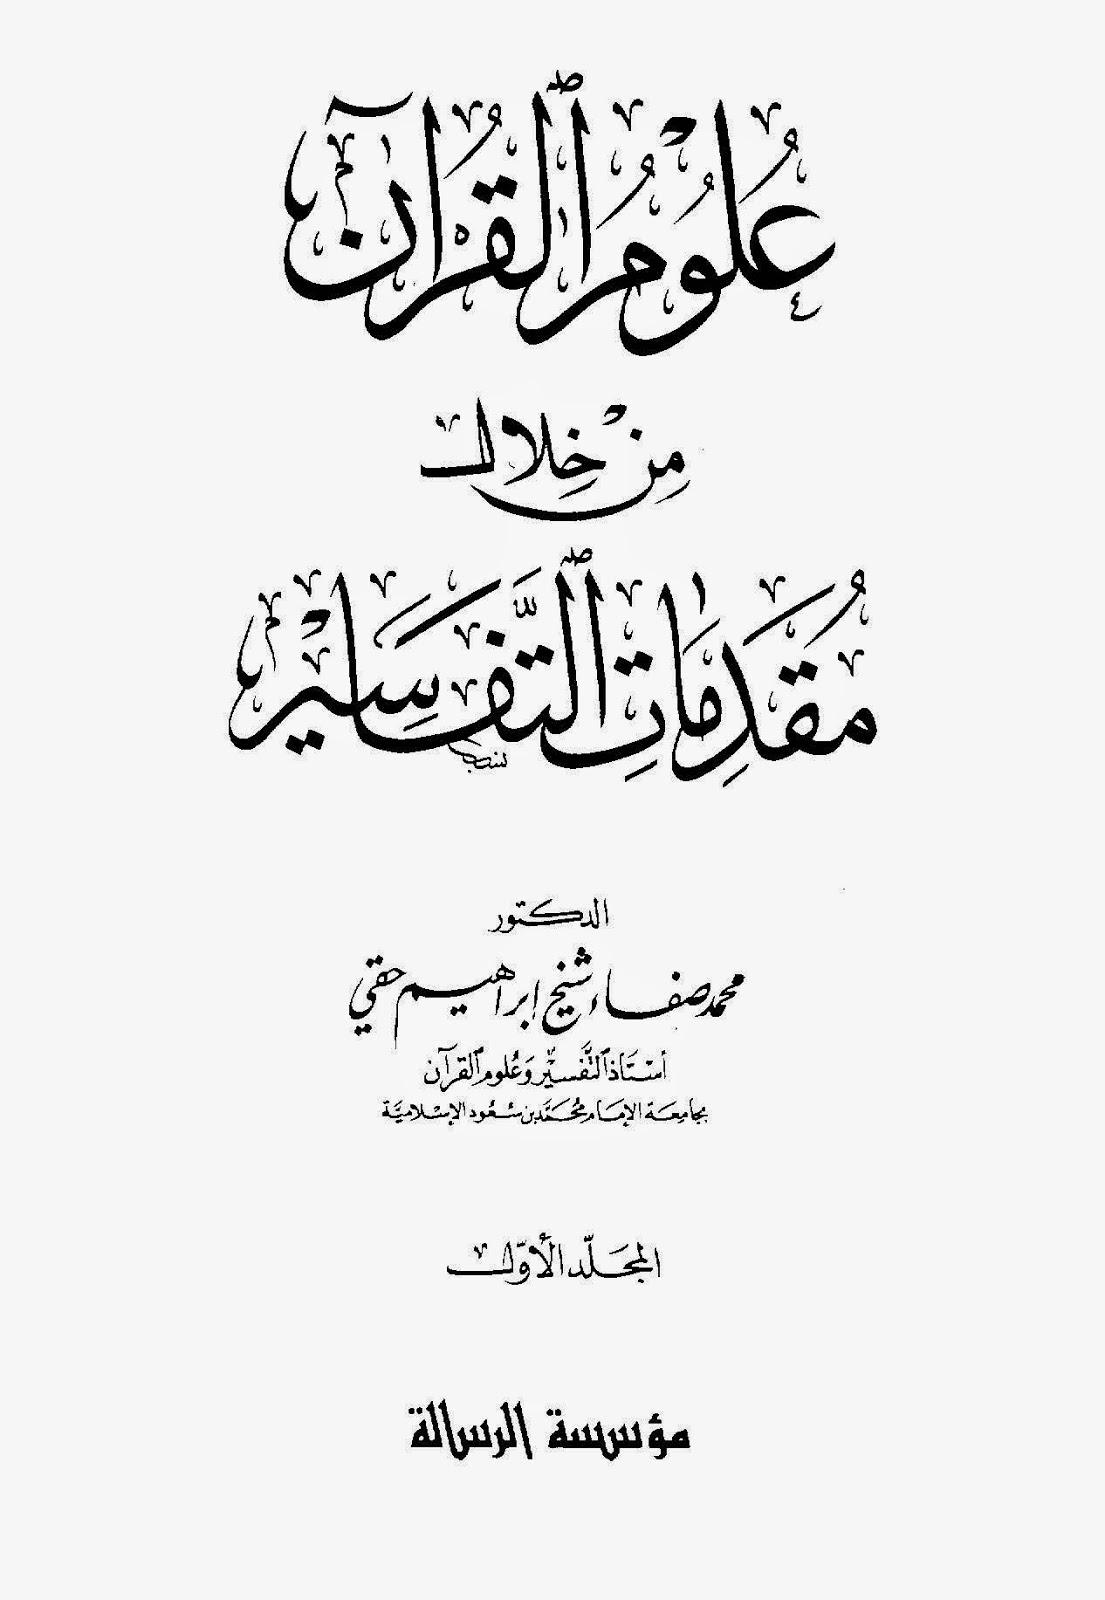 علوم القرآن من خلال مقدمات التفاسير لـ محمد صفاء شيخ ابراهيم حقي